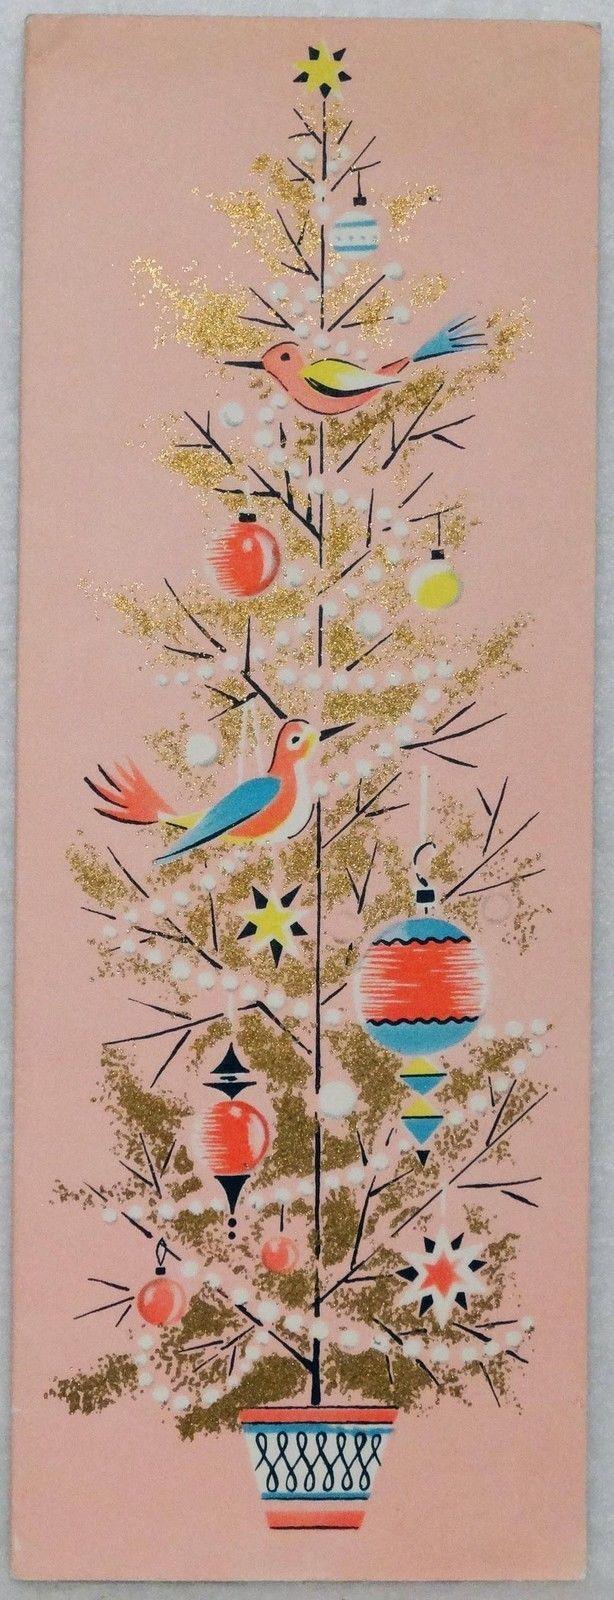 1596 50s Unused Volland Mid Century Pink Christmas Tree Vtg Christmas Card   eBay